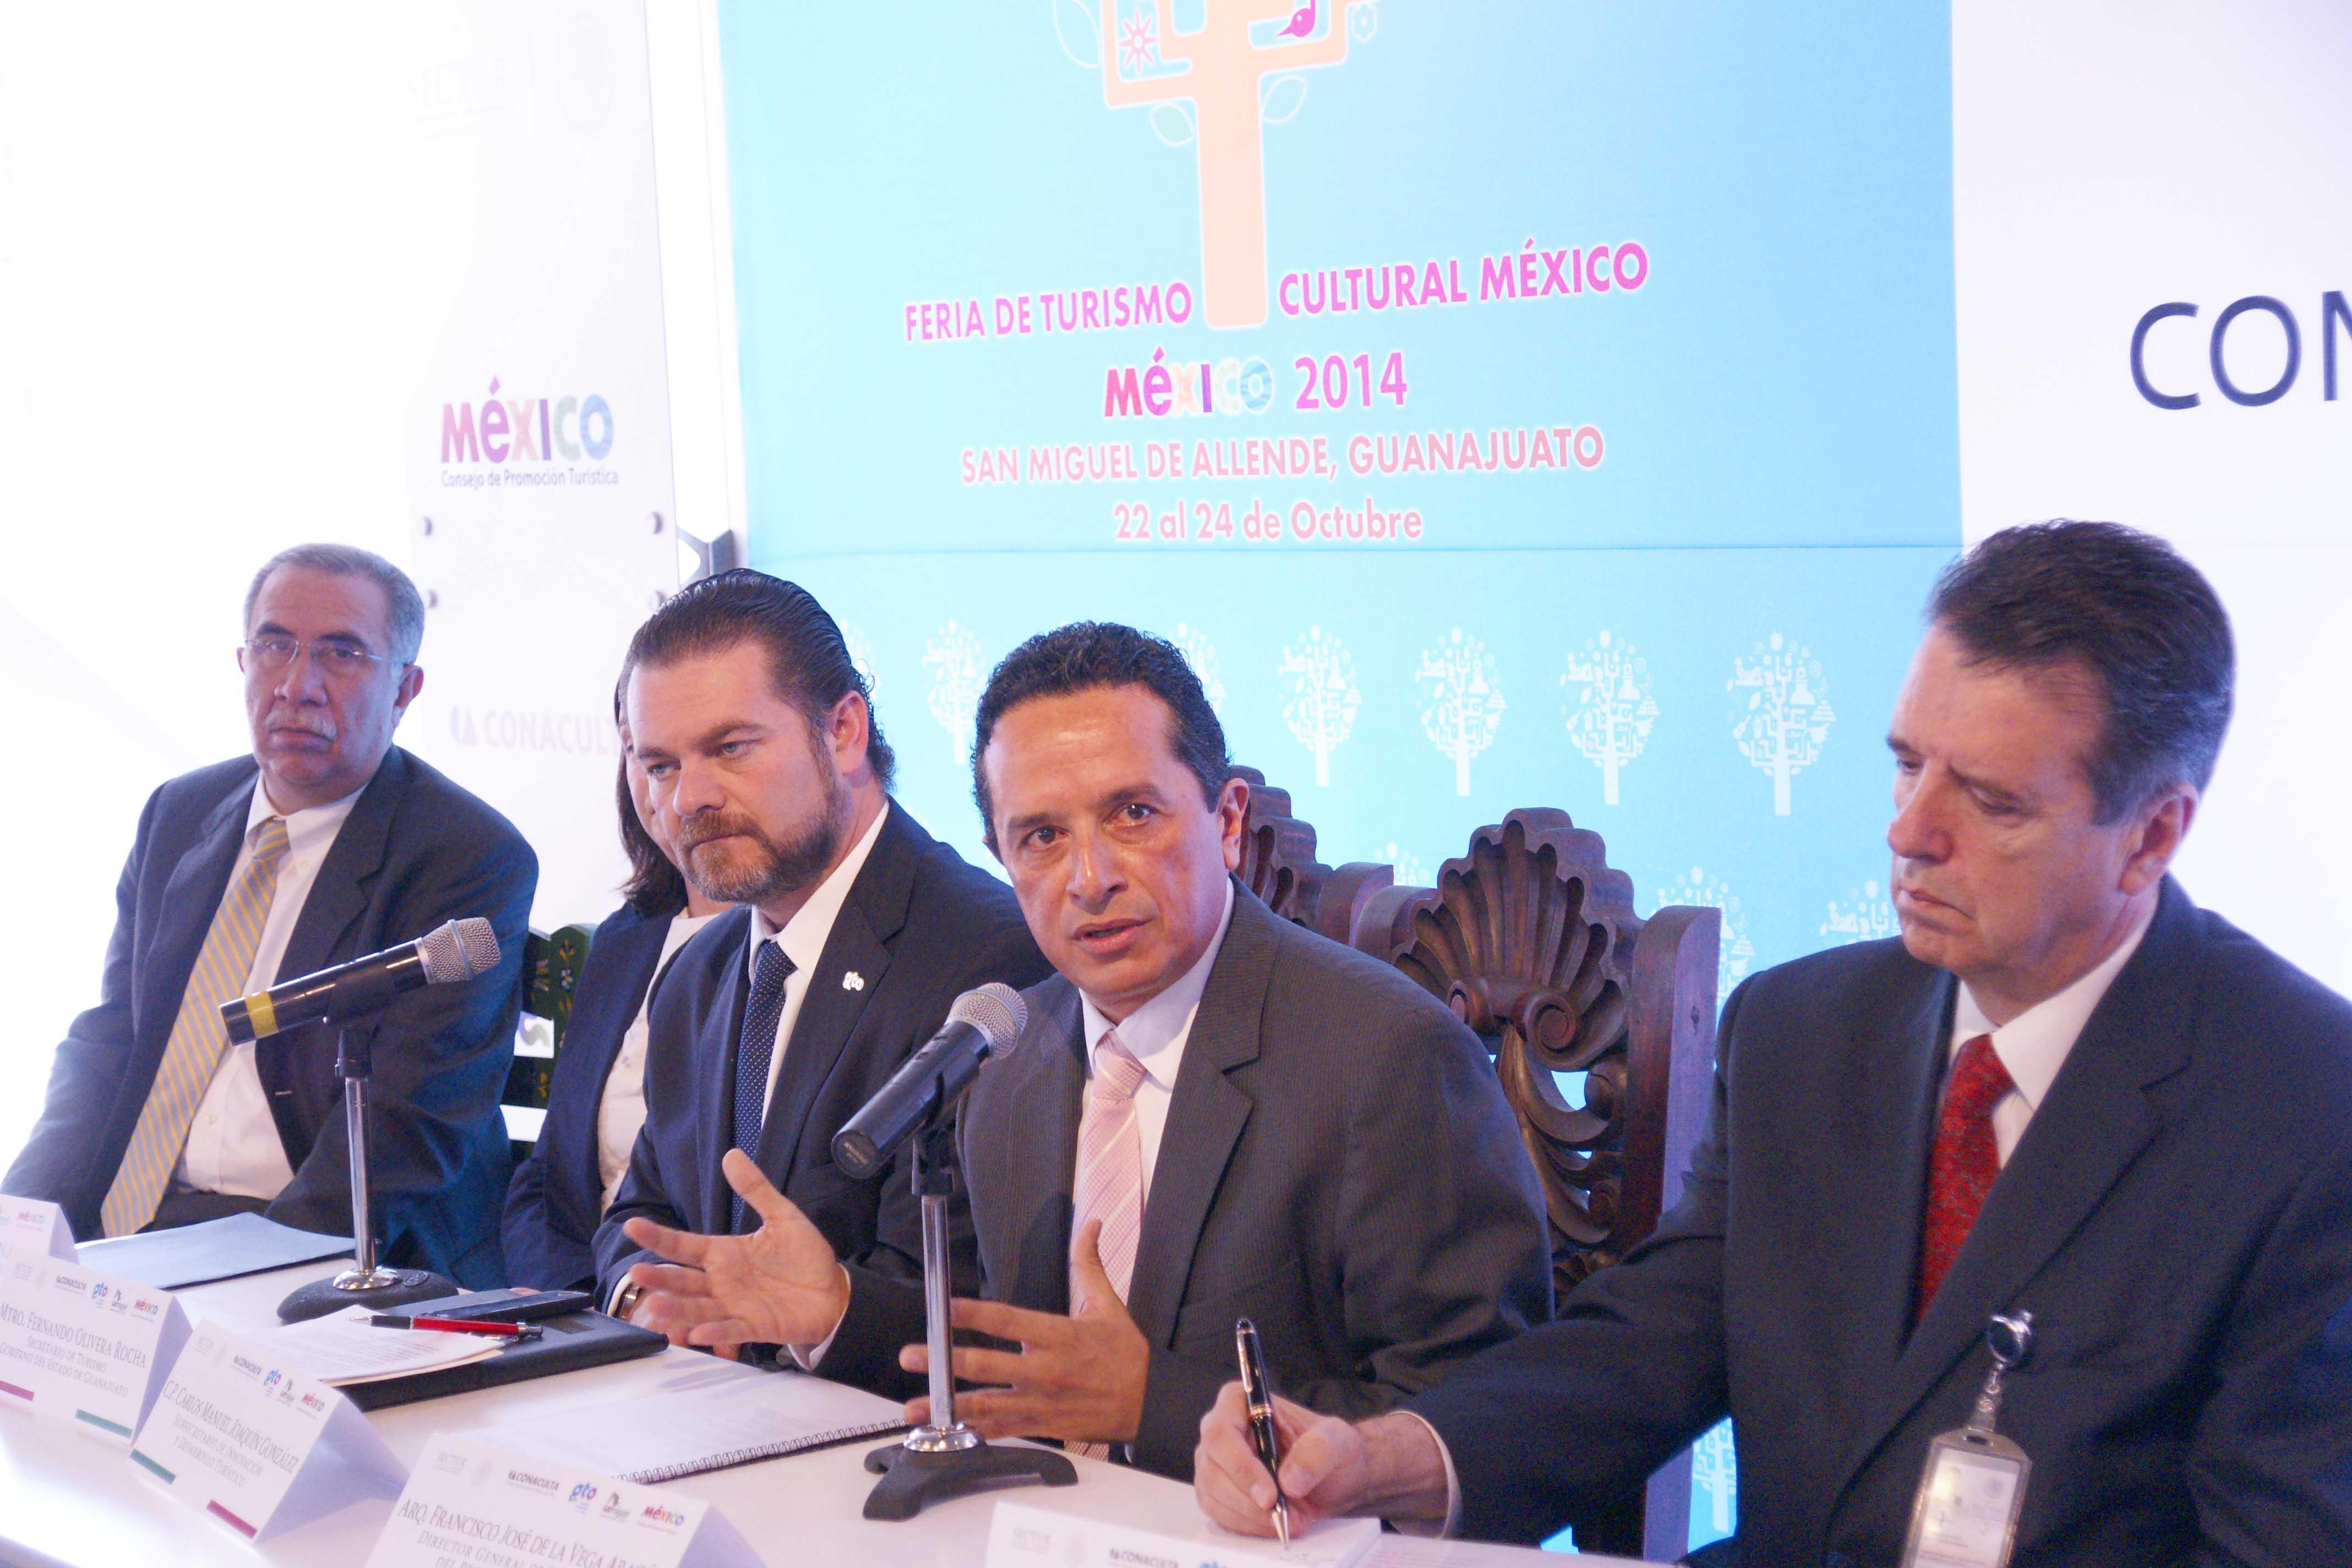 El Subsecretario de Innovación y Desarrollo Turístico, Carlos Joaquín González, presentó el programa de actividades de la Feria de Turismo Cultural México 2014.